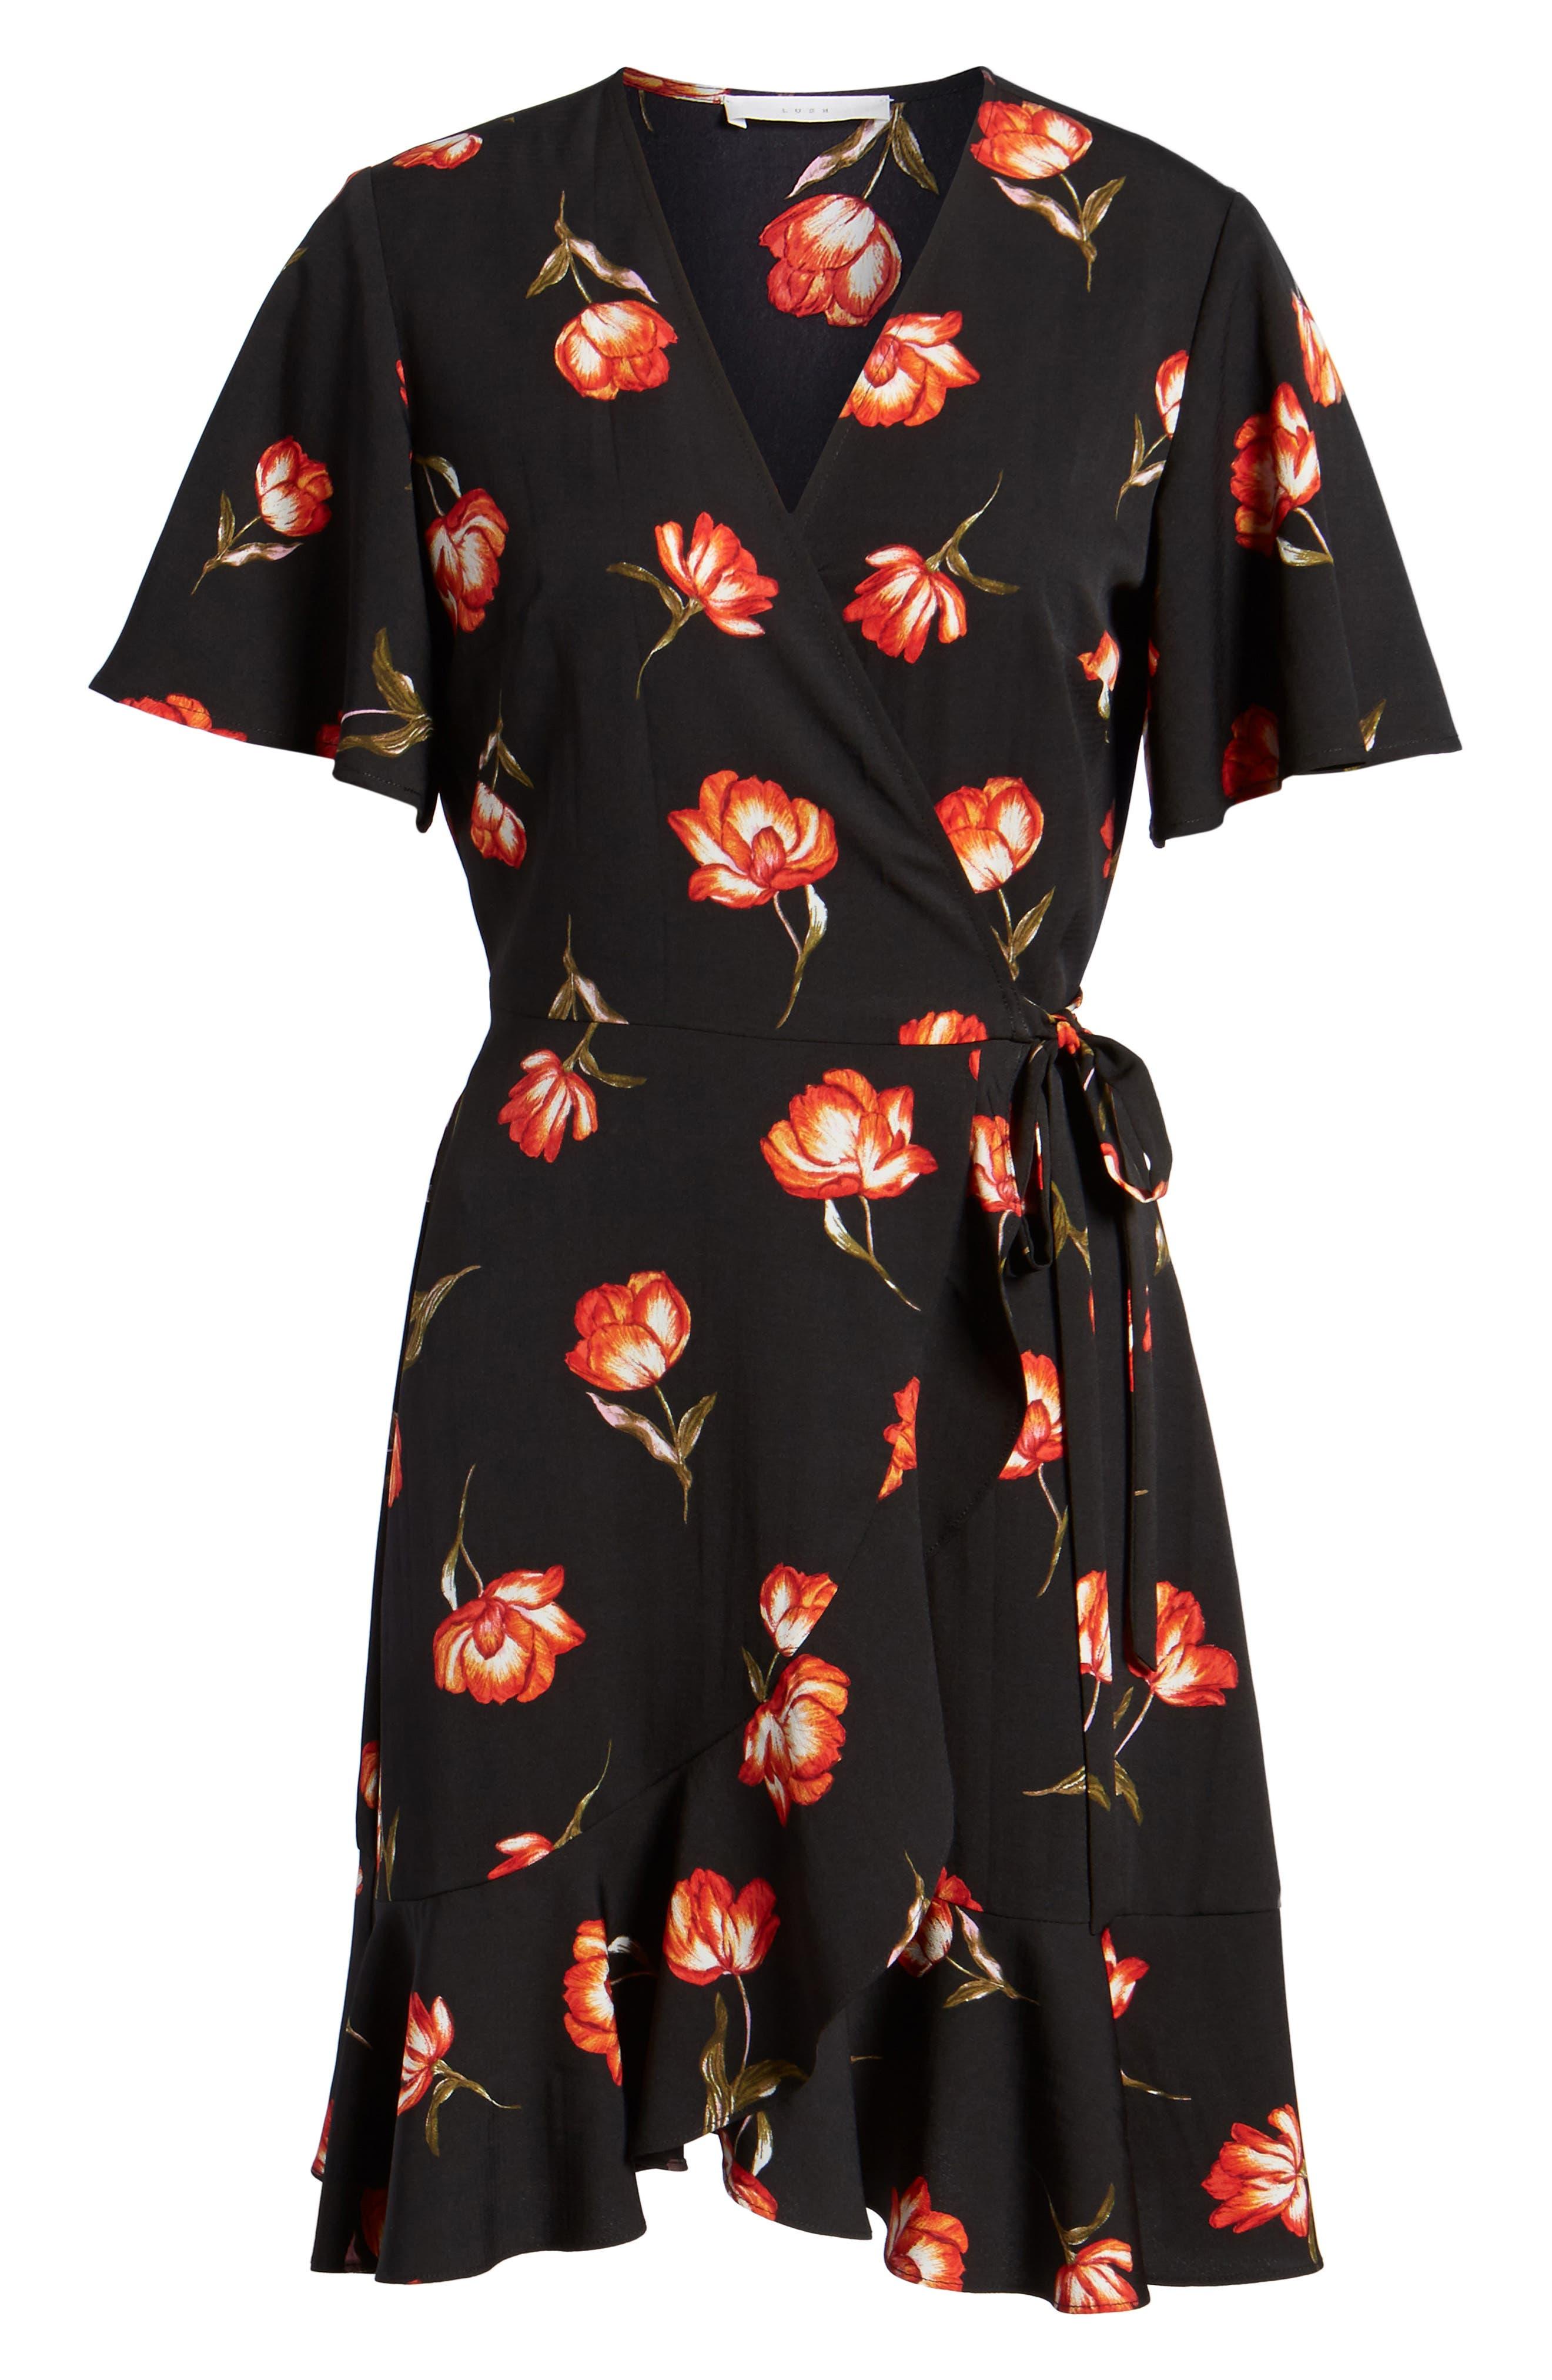 Lucy Floral Wrap Dress,                             Alternate thumbnail 6, color,                             Black Floral